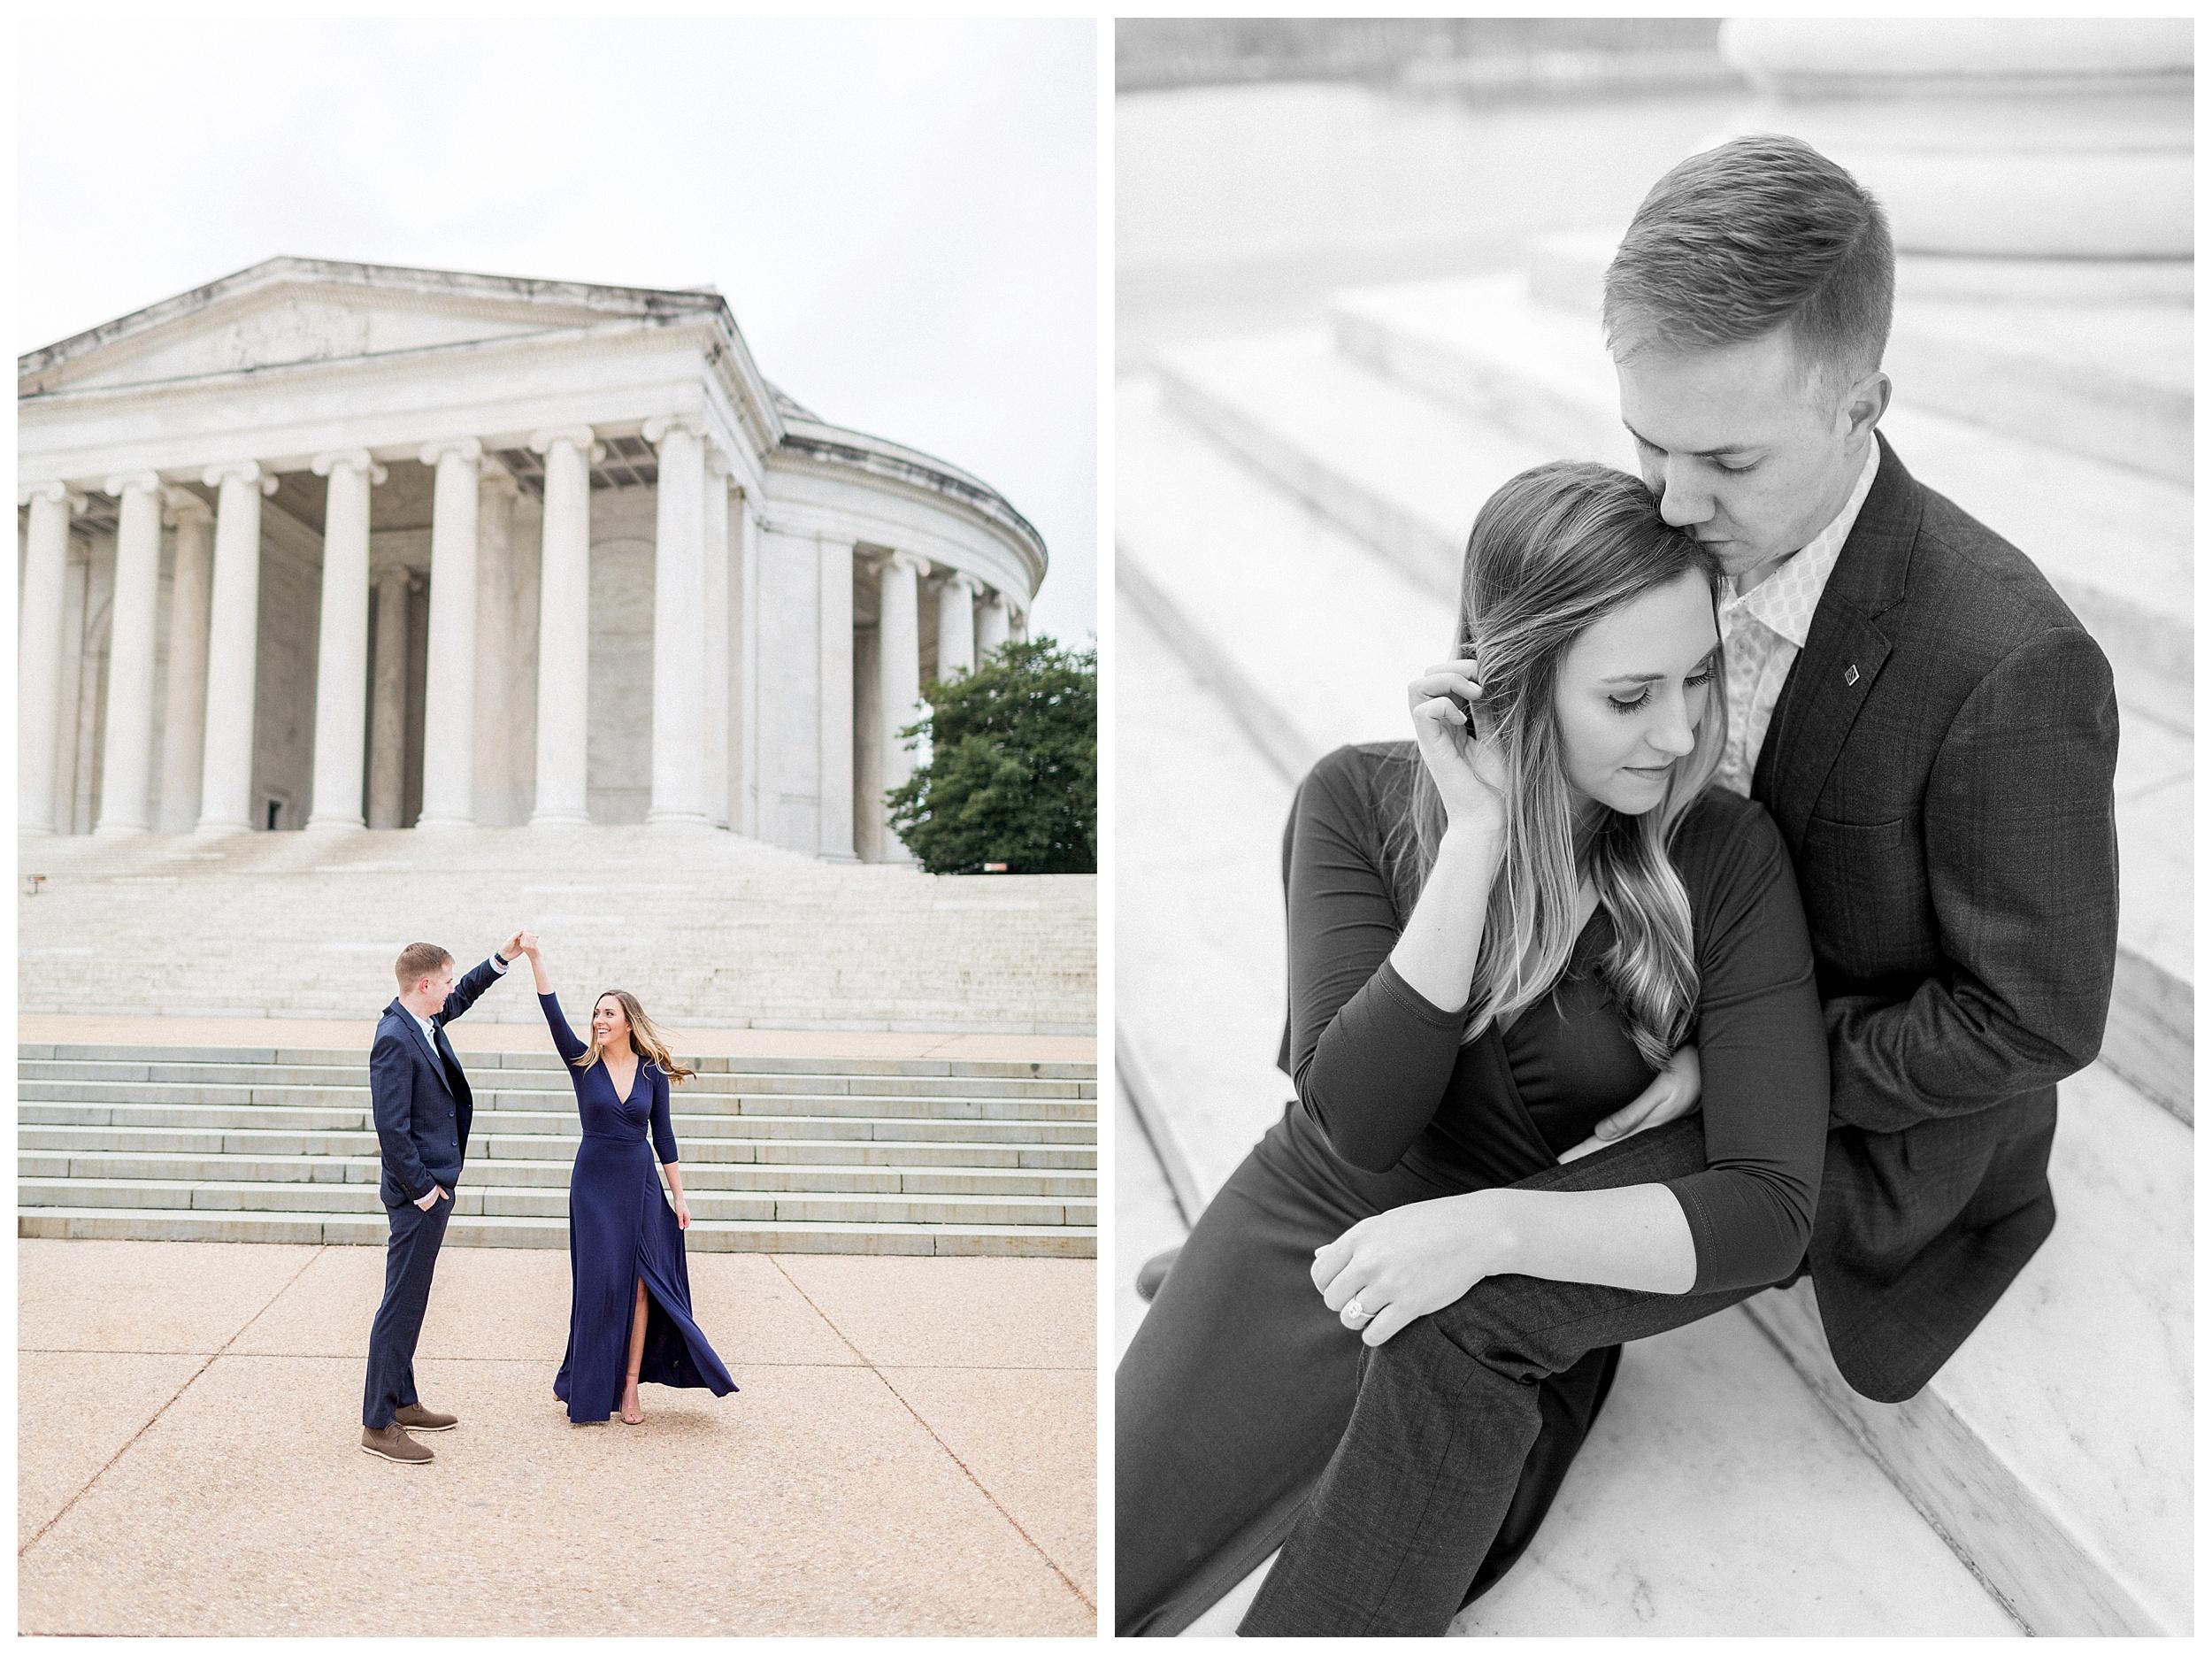 Washingon DC Engagement Photos | Jefferson Memorial Engagement | Kir Tuben_0006.jpg